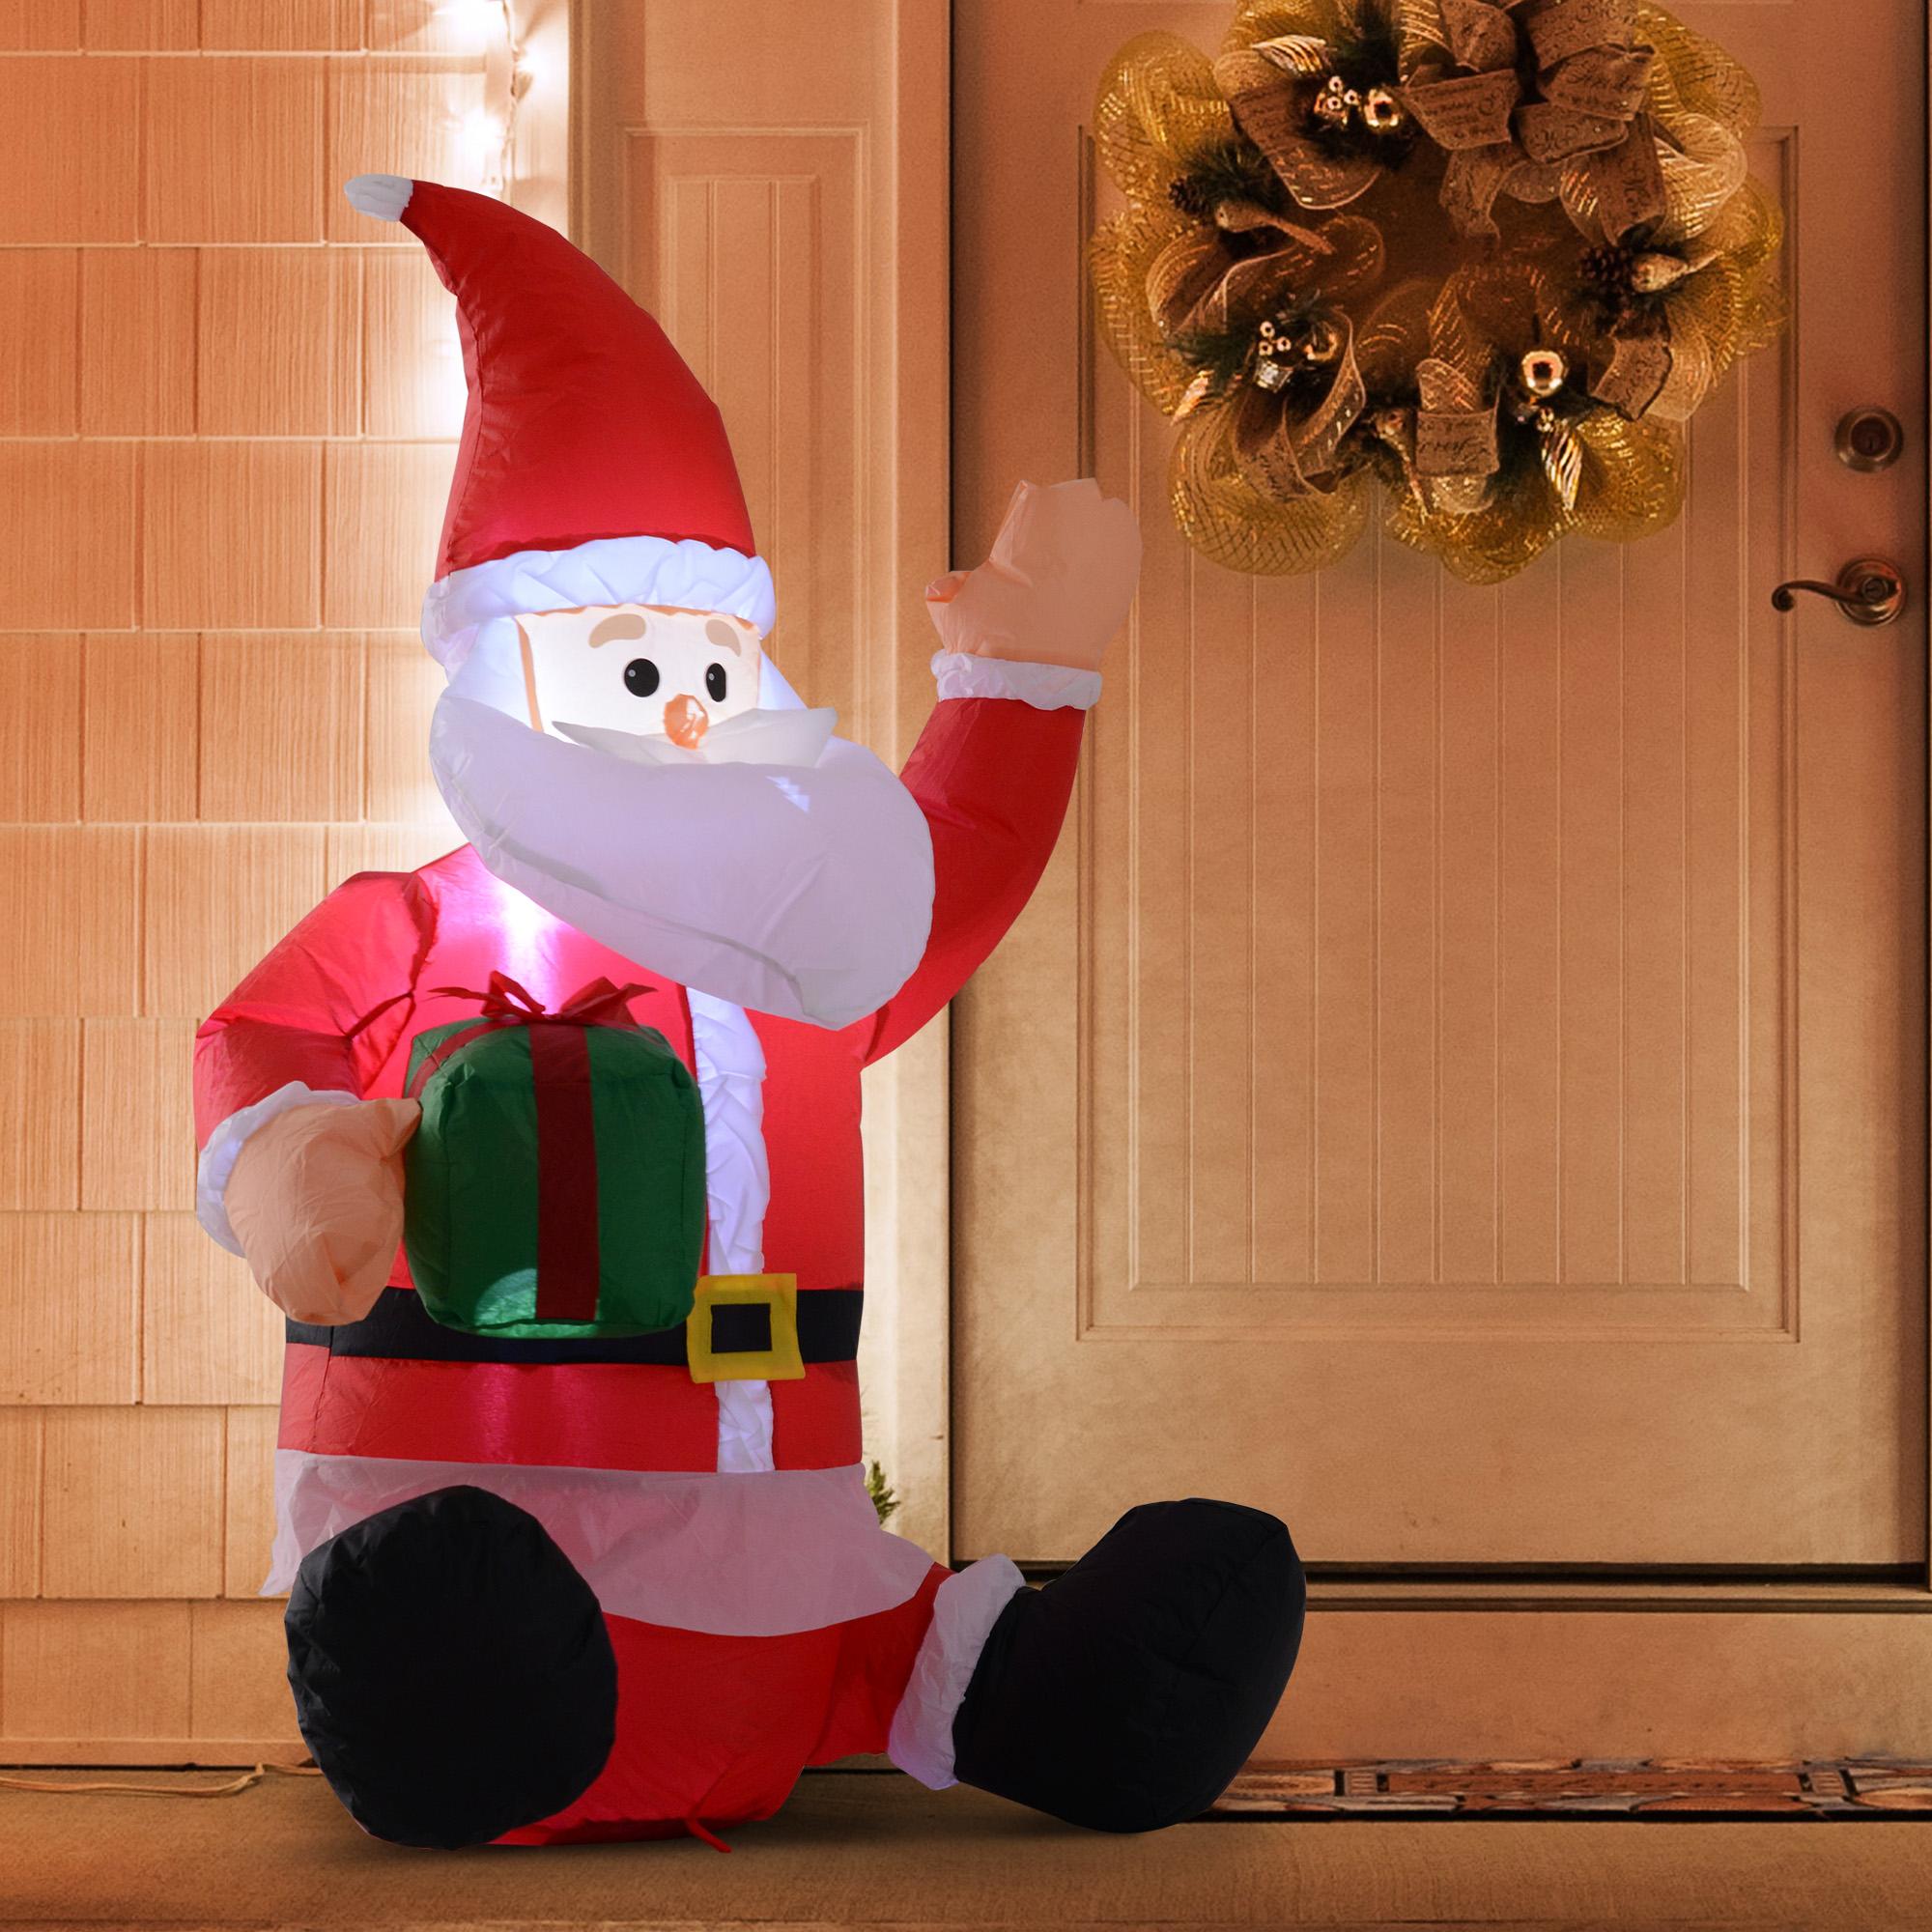 Image of EUR24,99 HomCom Papá Noel Hinchable 1.2m con Regalo Decoración Navidad Iluminación LED Black Friday 844-166 8435428735395